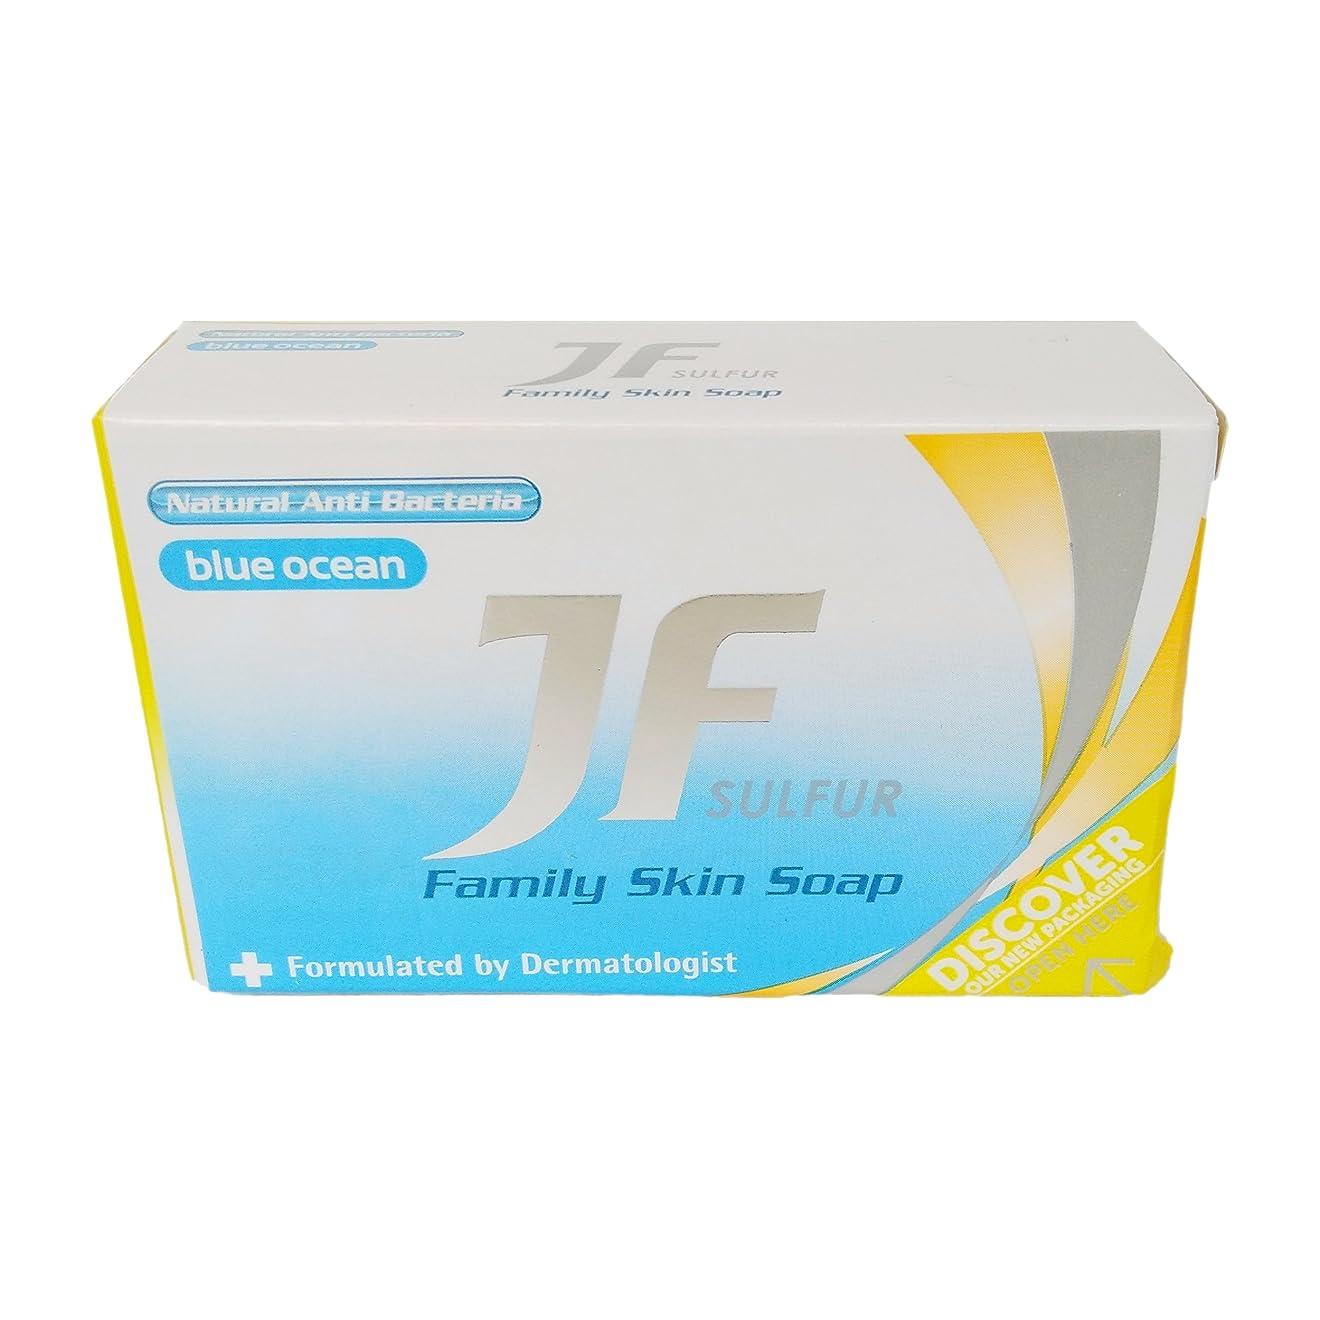 退化する意外説明JF Sulfur ファミリー天然の抗細菌石鹸ブルーオーシャン、90グラム